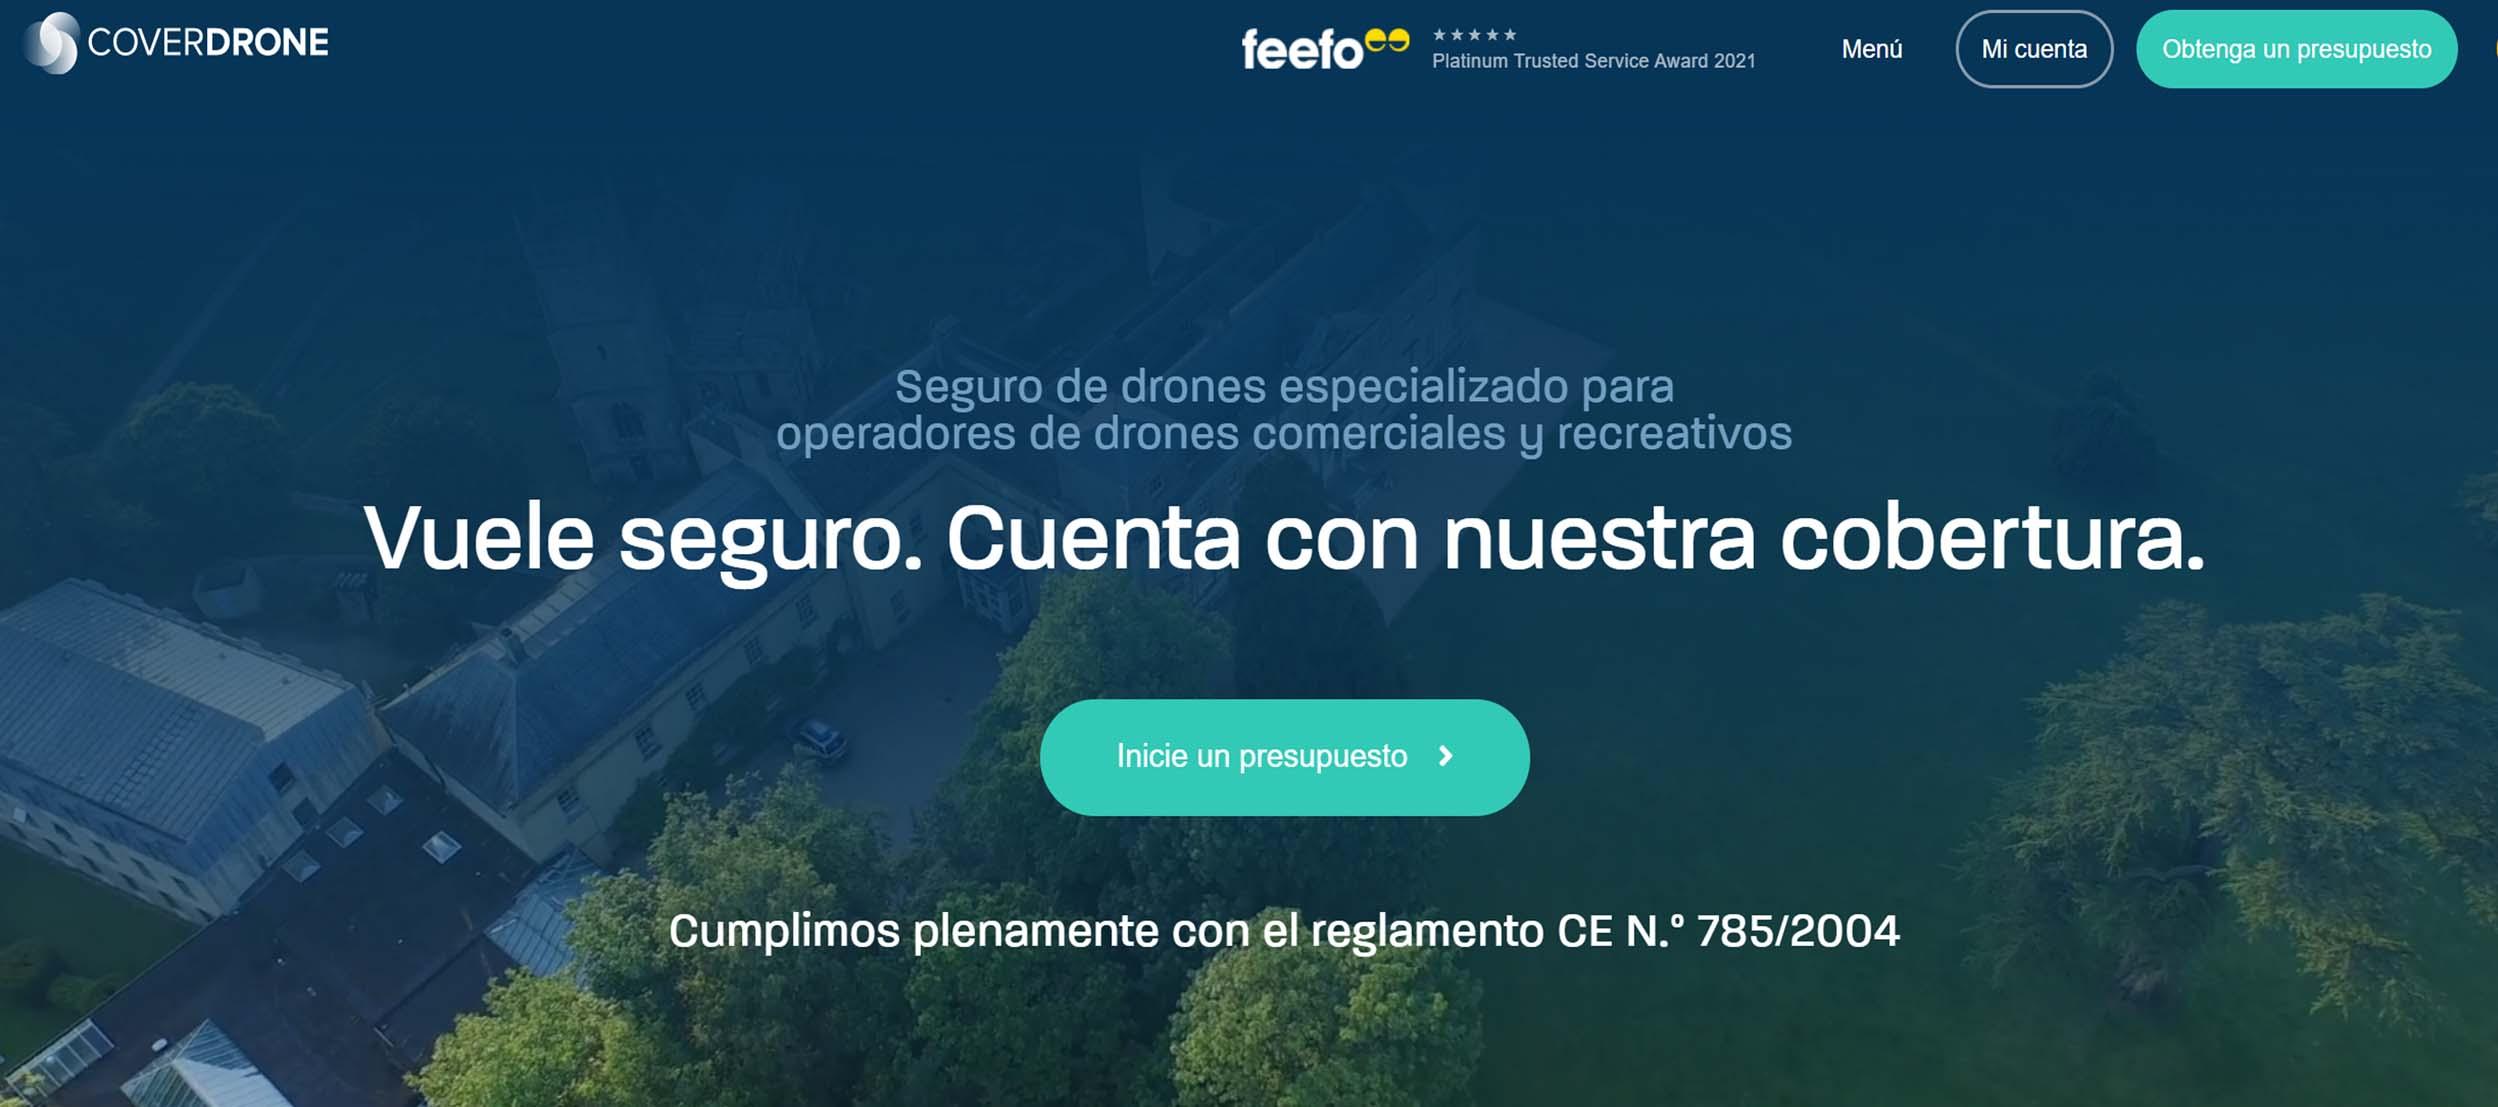 seguro-drones-coverdrone